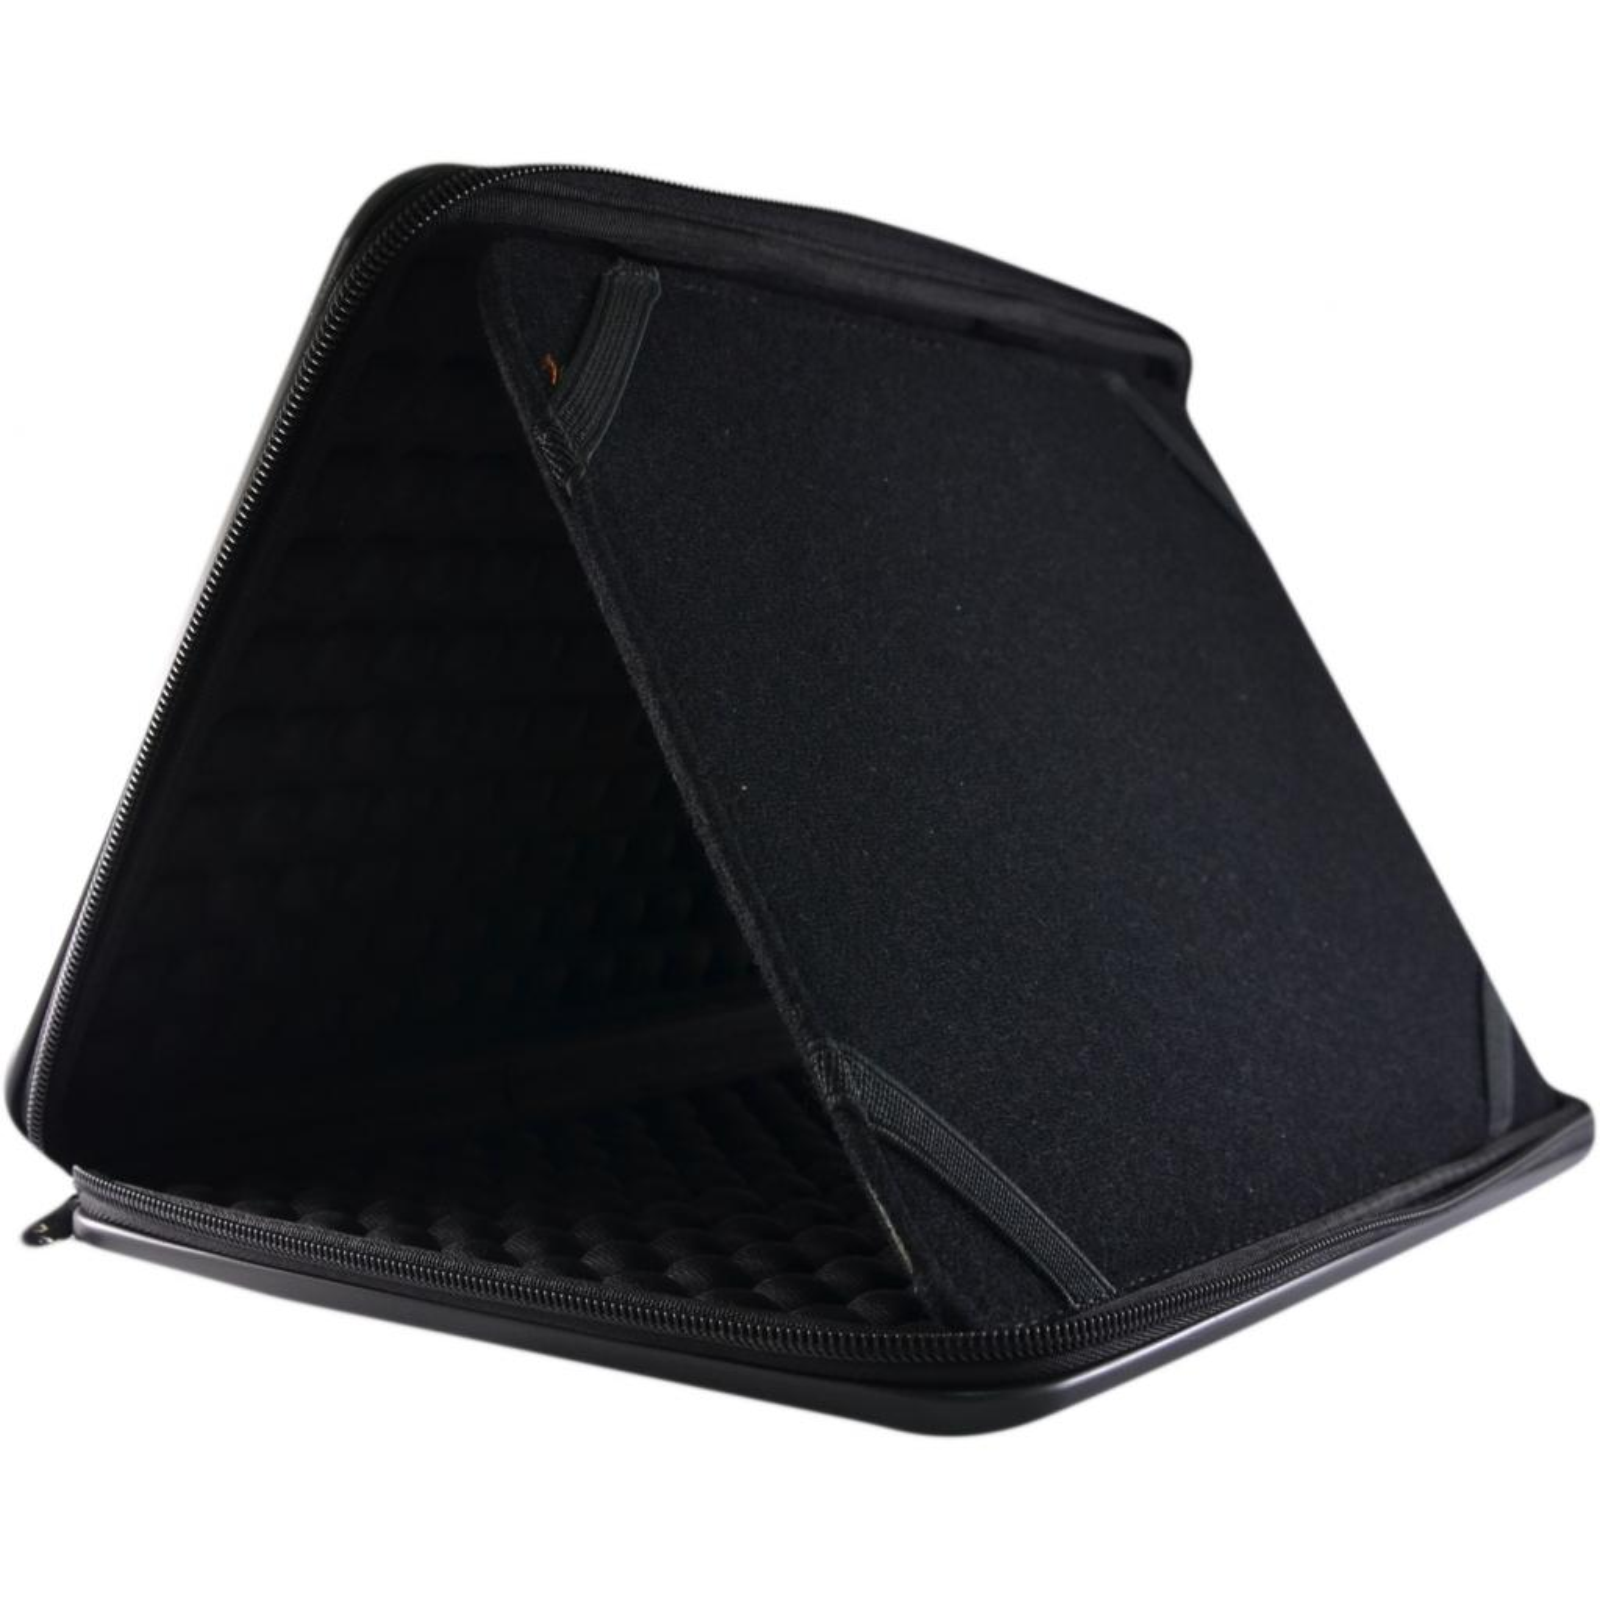 Чехол для планшета Pro-case Чохол планшету унiверсальний Pro-case Aluminum case 10,1'' b (UNS-024R1) изображение 2